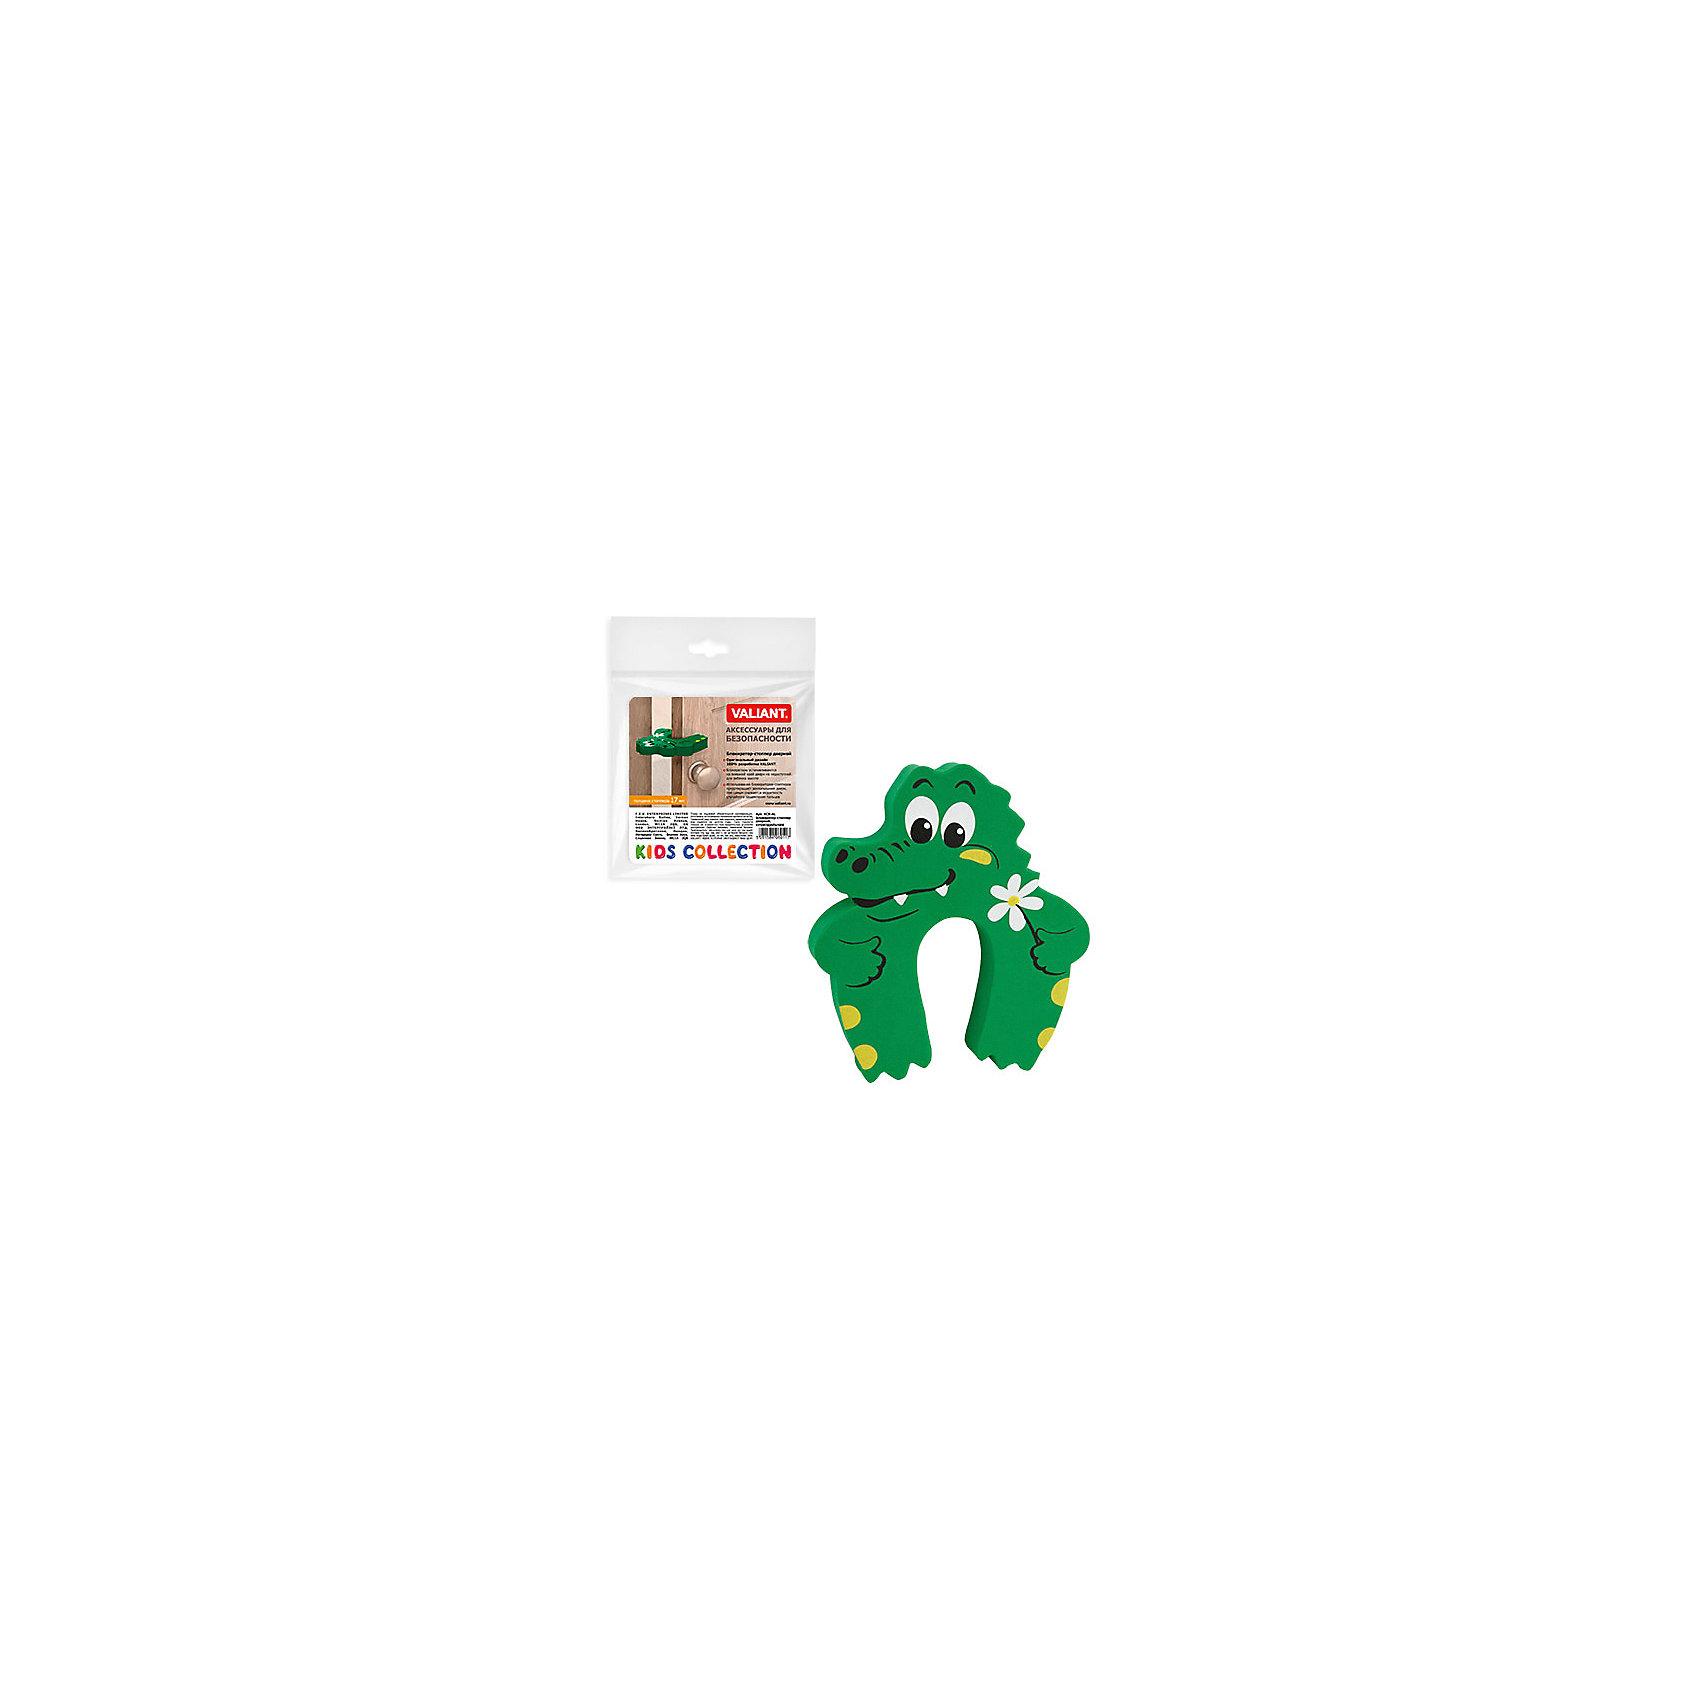 Блокиратор-стоппер Крокодильчик для дверей (VALIANT)